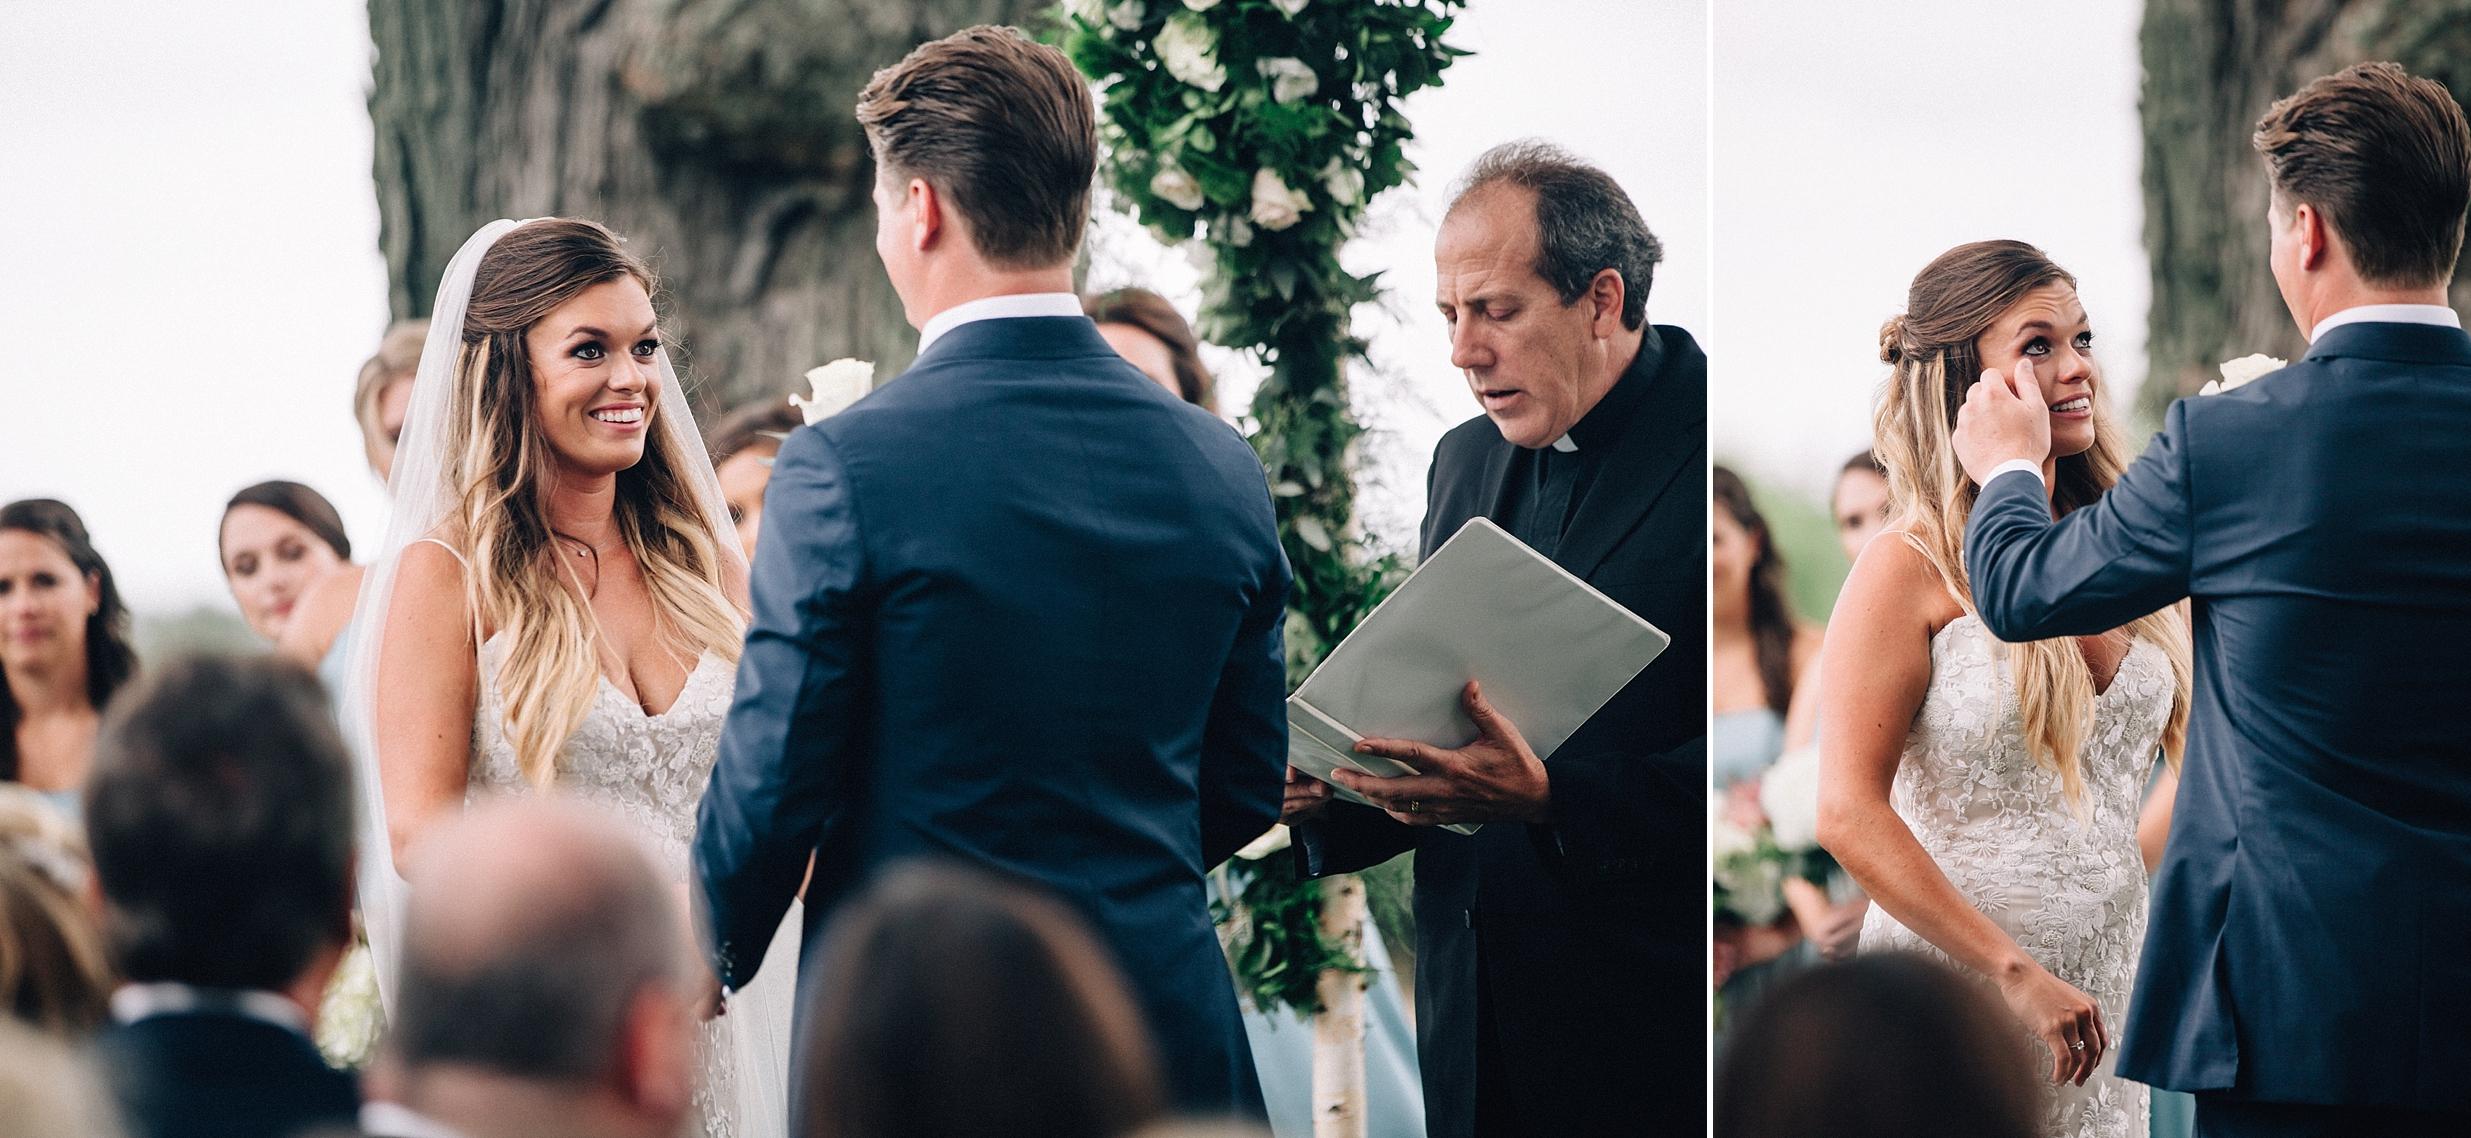 jersey-outdoor-ceremony-wedding-navasink-monmouth-rumson_0047.jpg